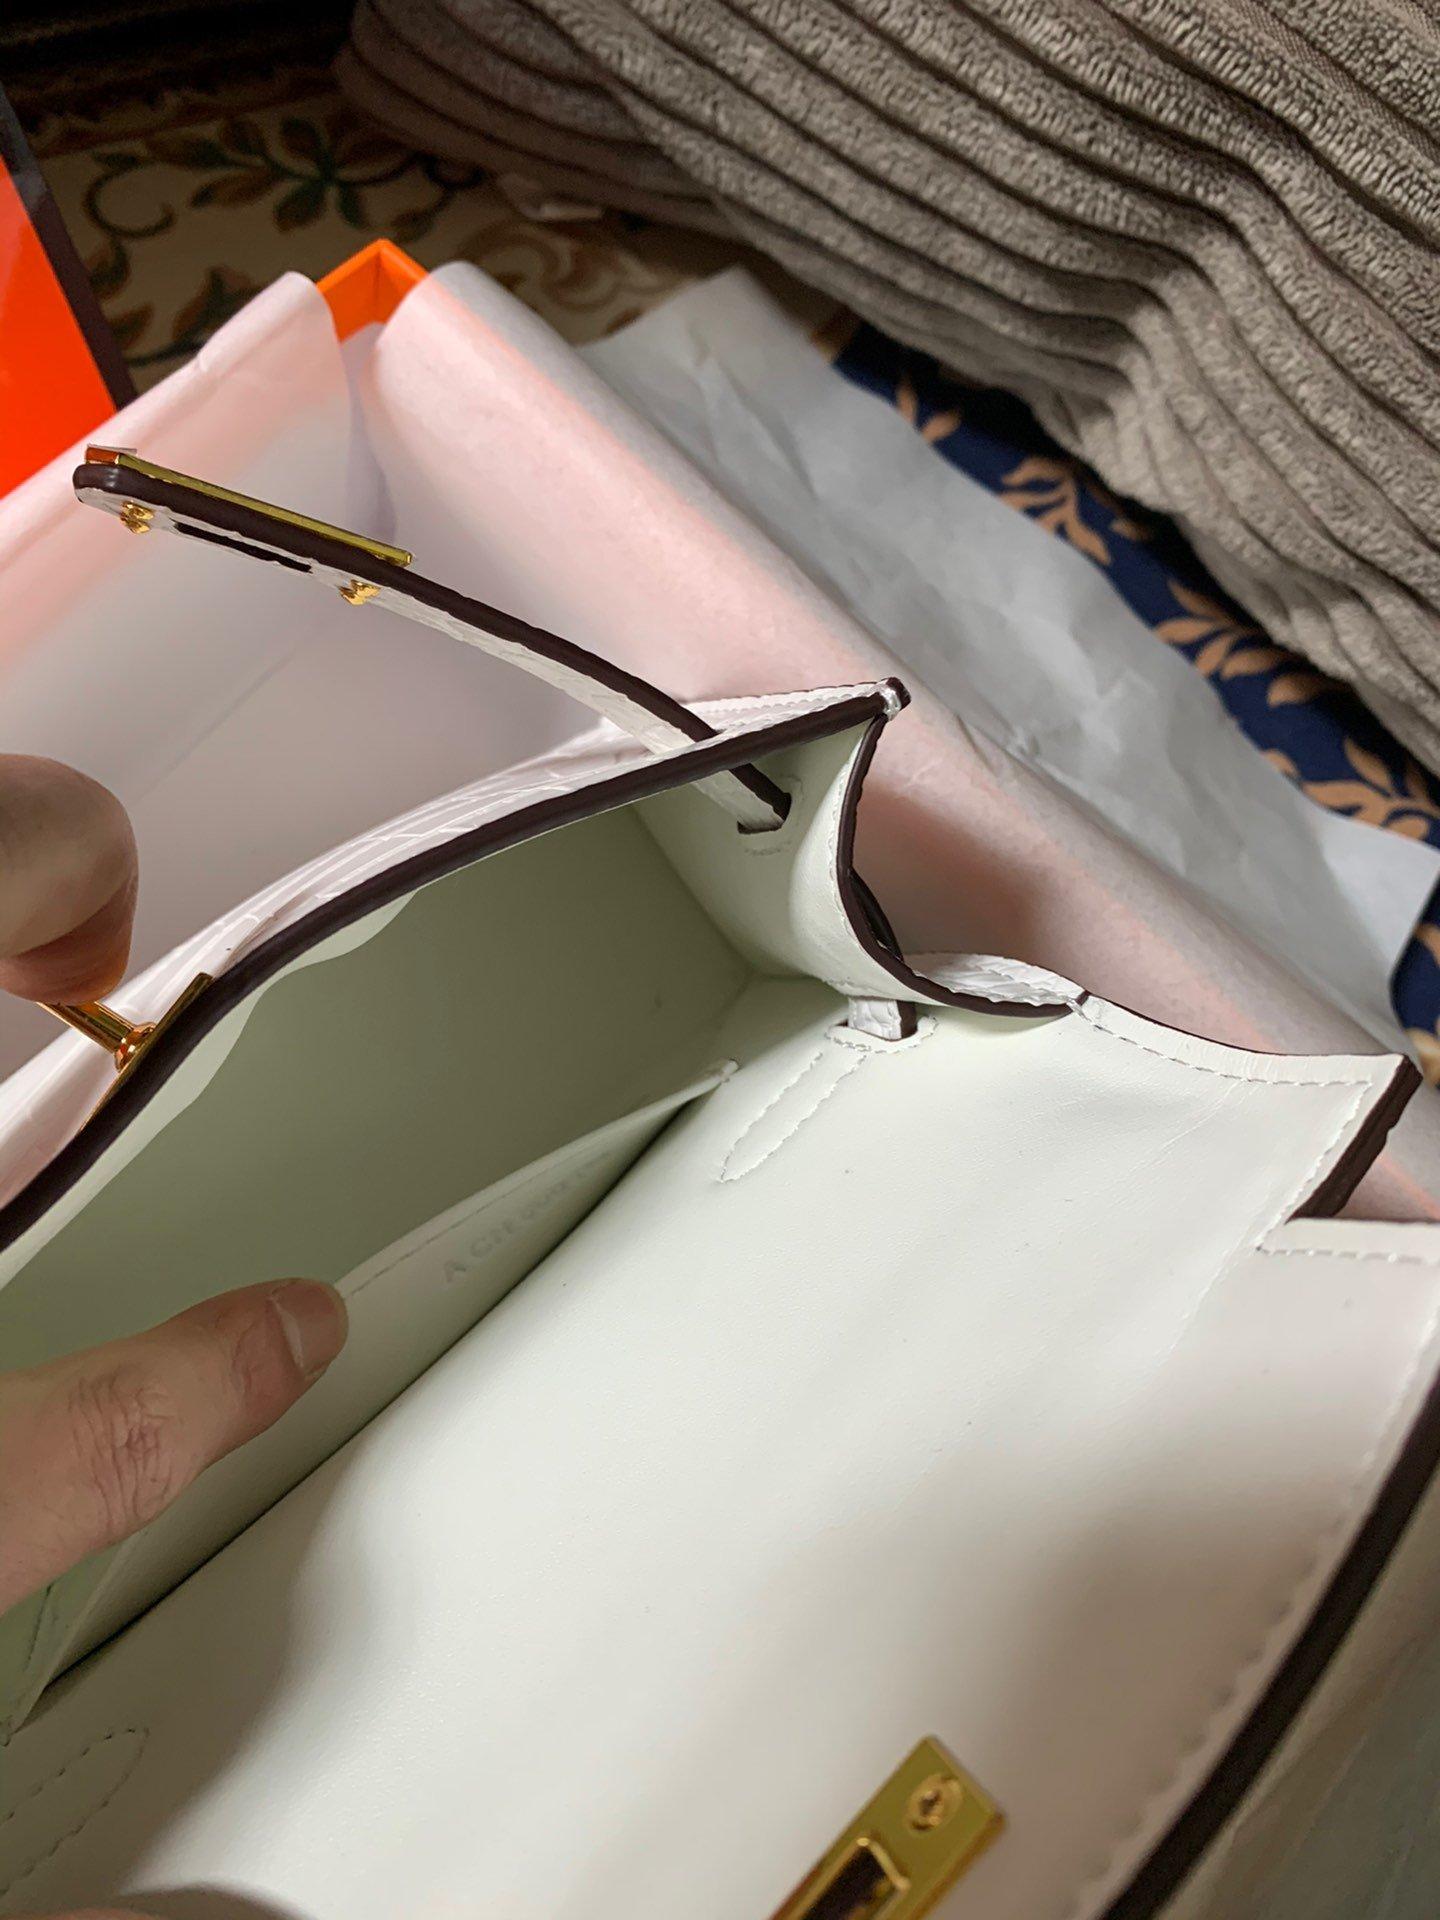 爆款中的爆款鳄鱼纹最新现货配精美包装